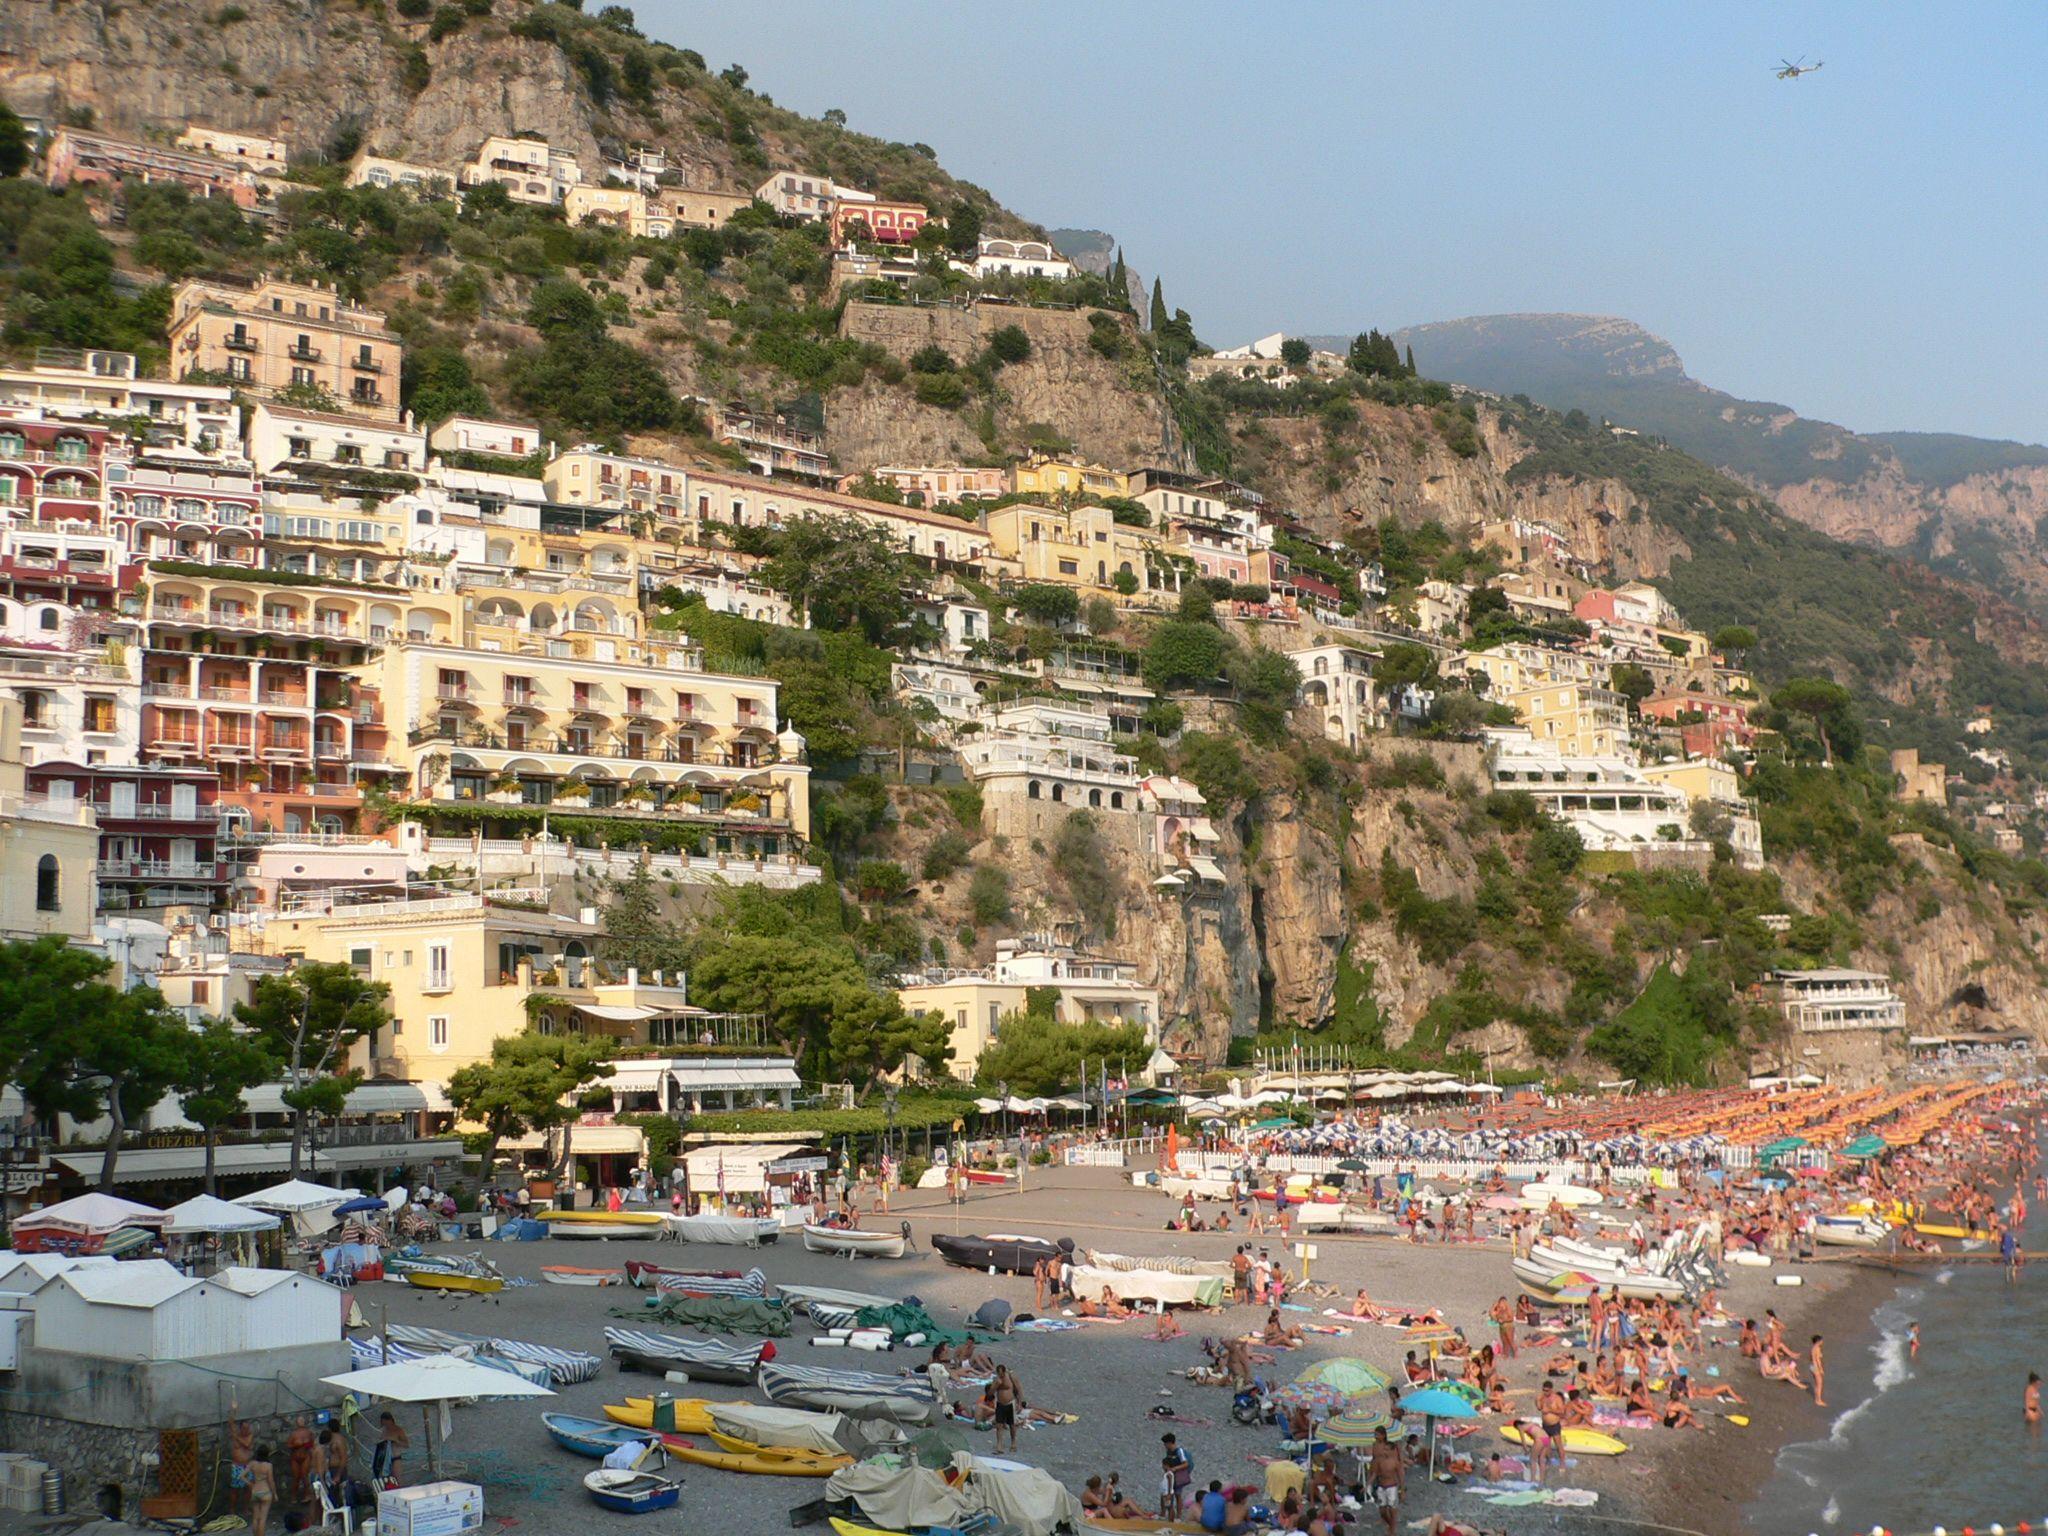 Charming Positano estate 2012